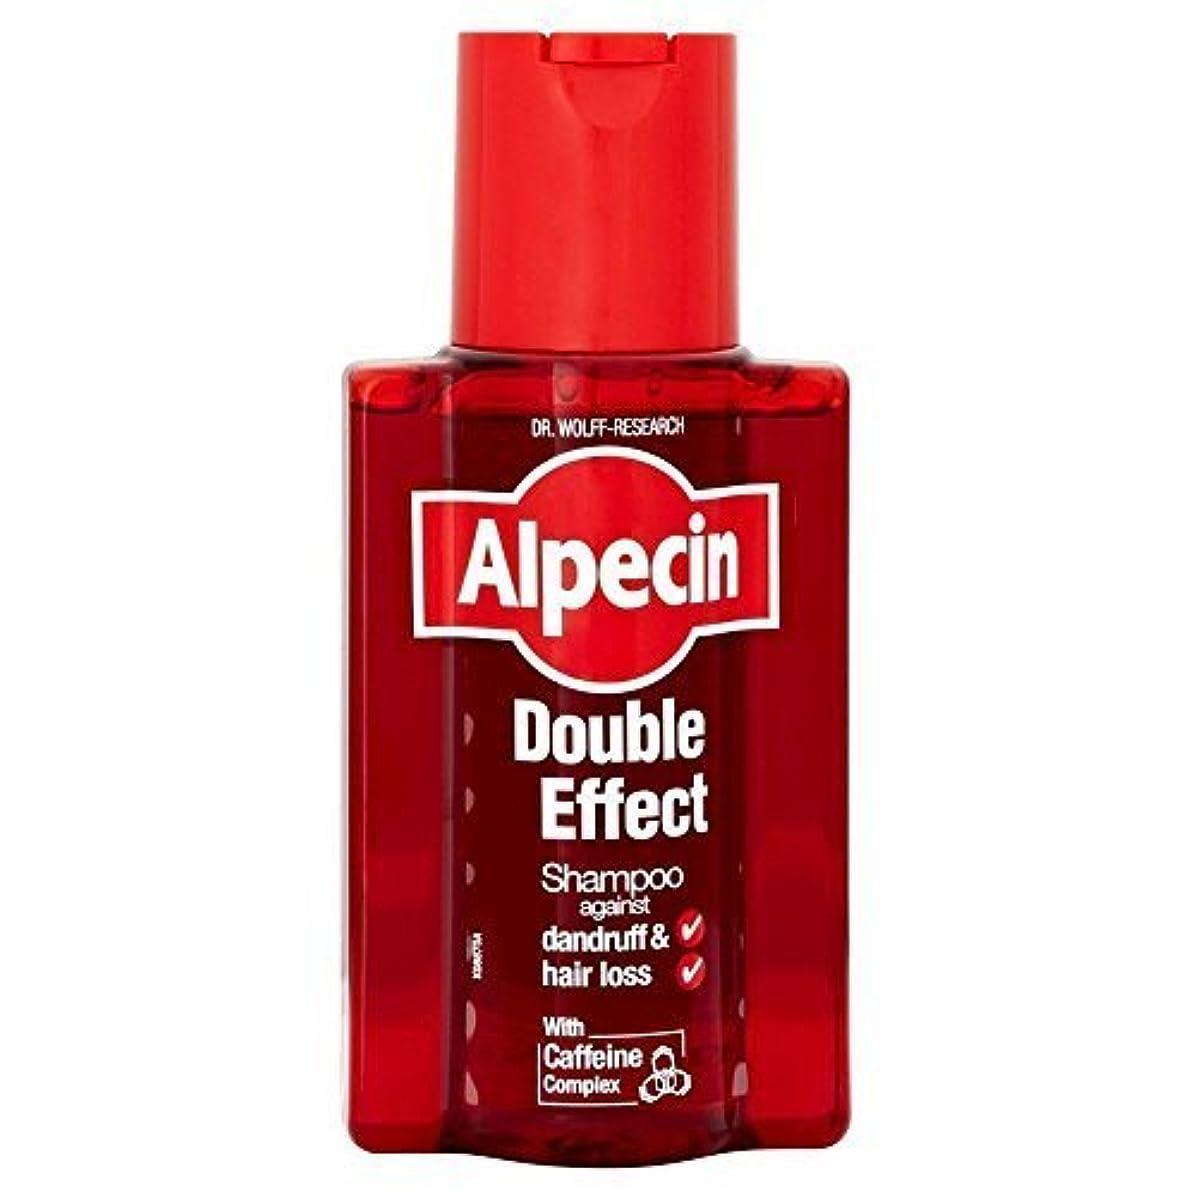 ハブアプト勘違いするAlpecin Double Effect Shampoo (200ml) by Grocery [並行輸入品]